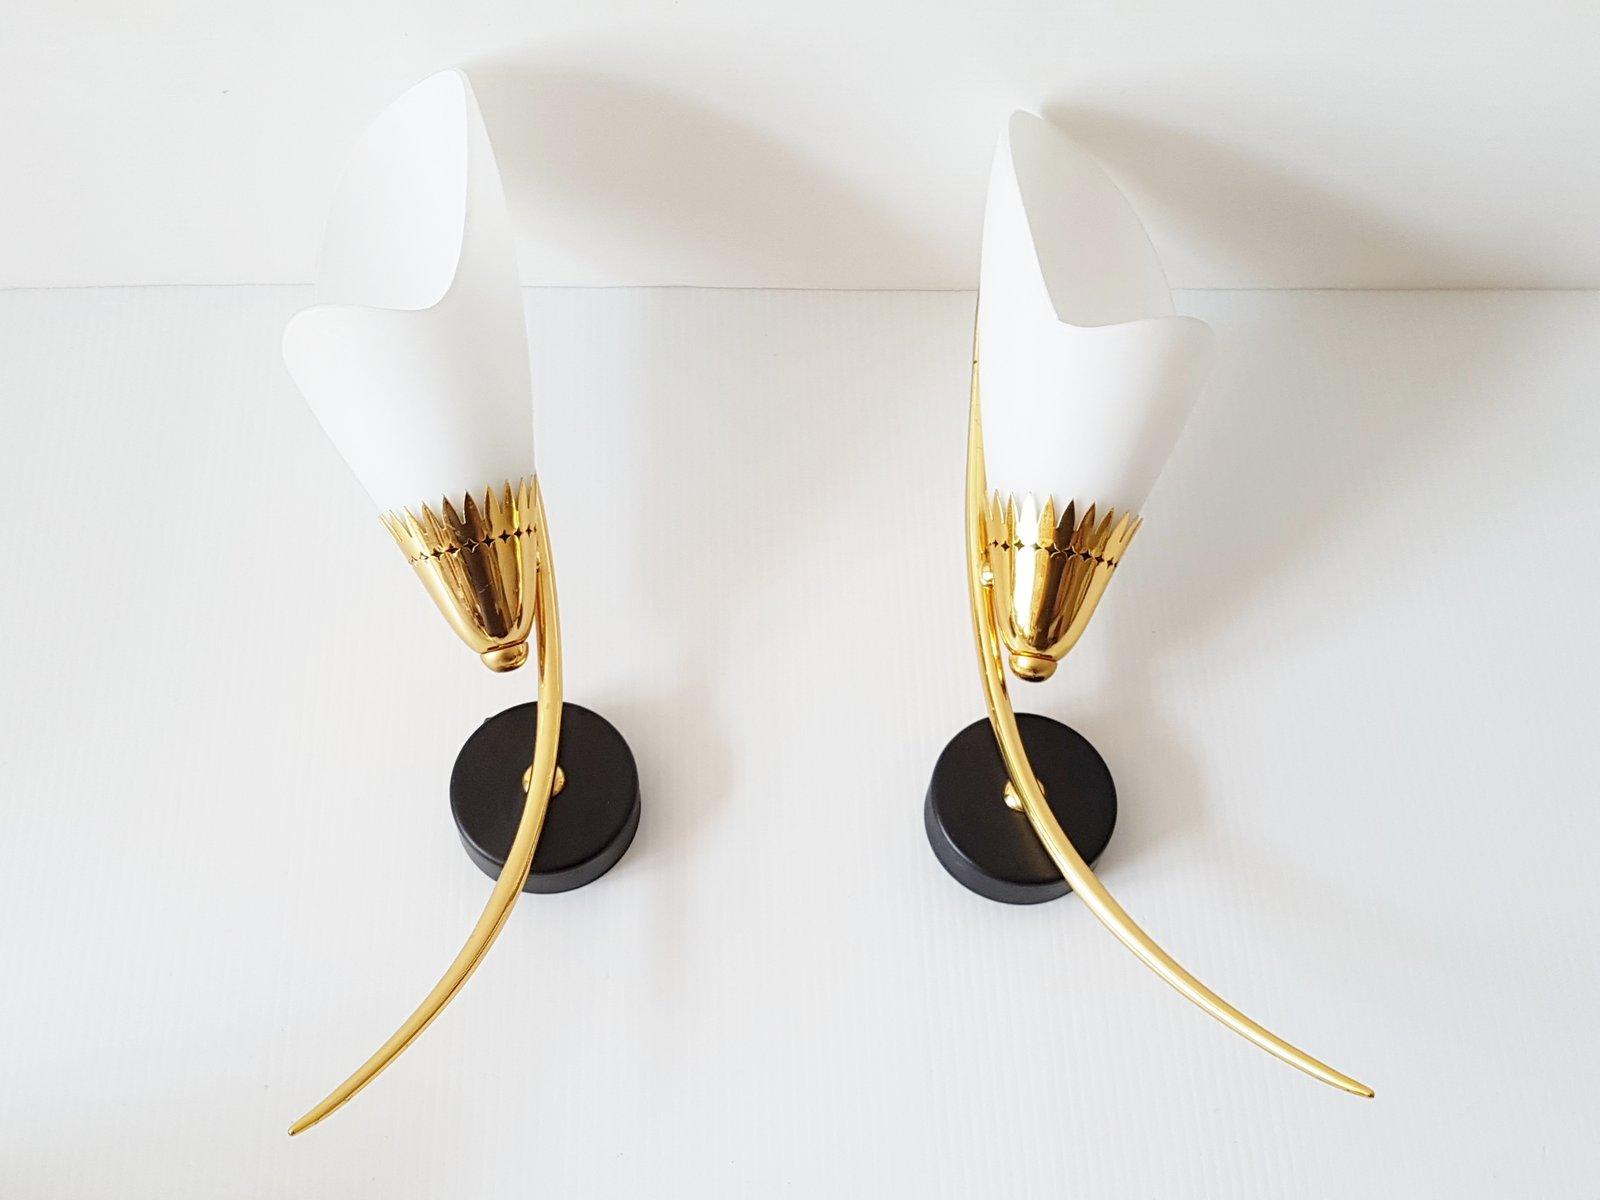 Französische Stahl, Messing & Glas Wandlampen, 1950er, 2er Set